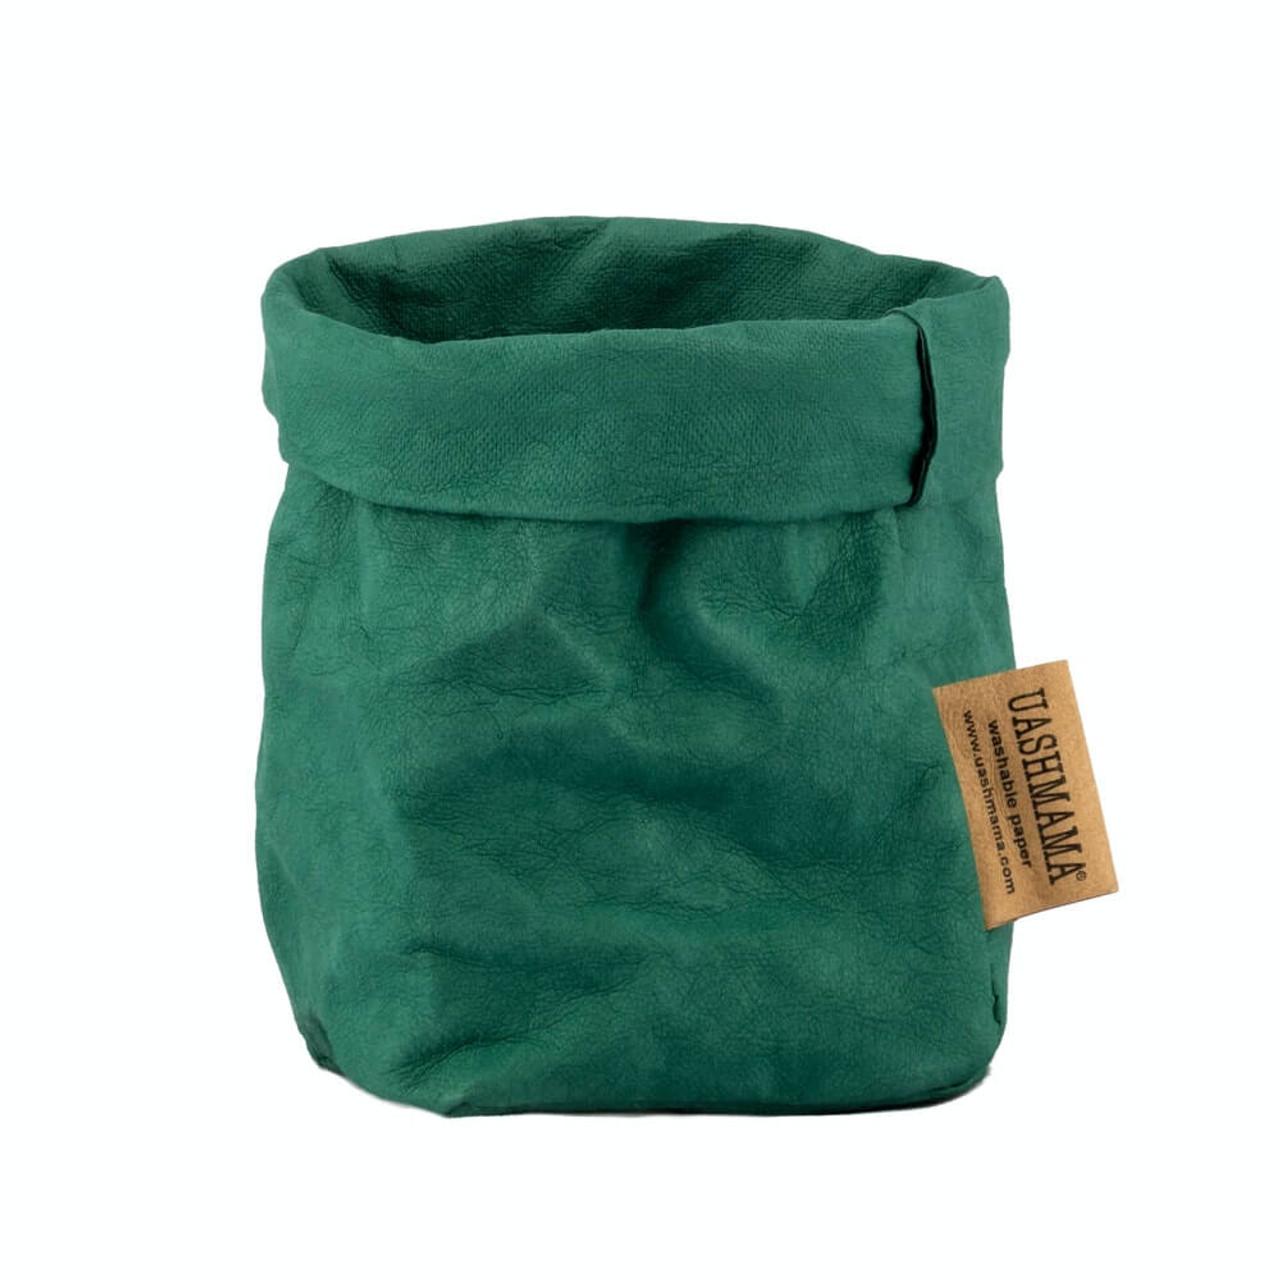 UASHMAMA piccolo organic paper bags smeraldo